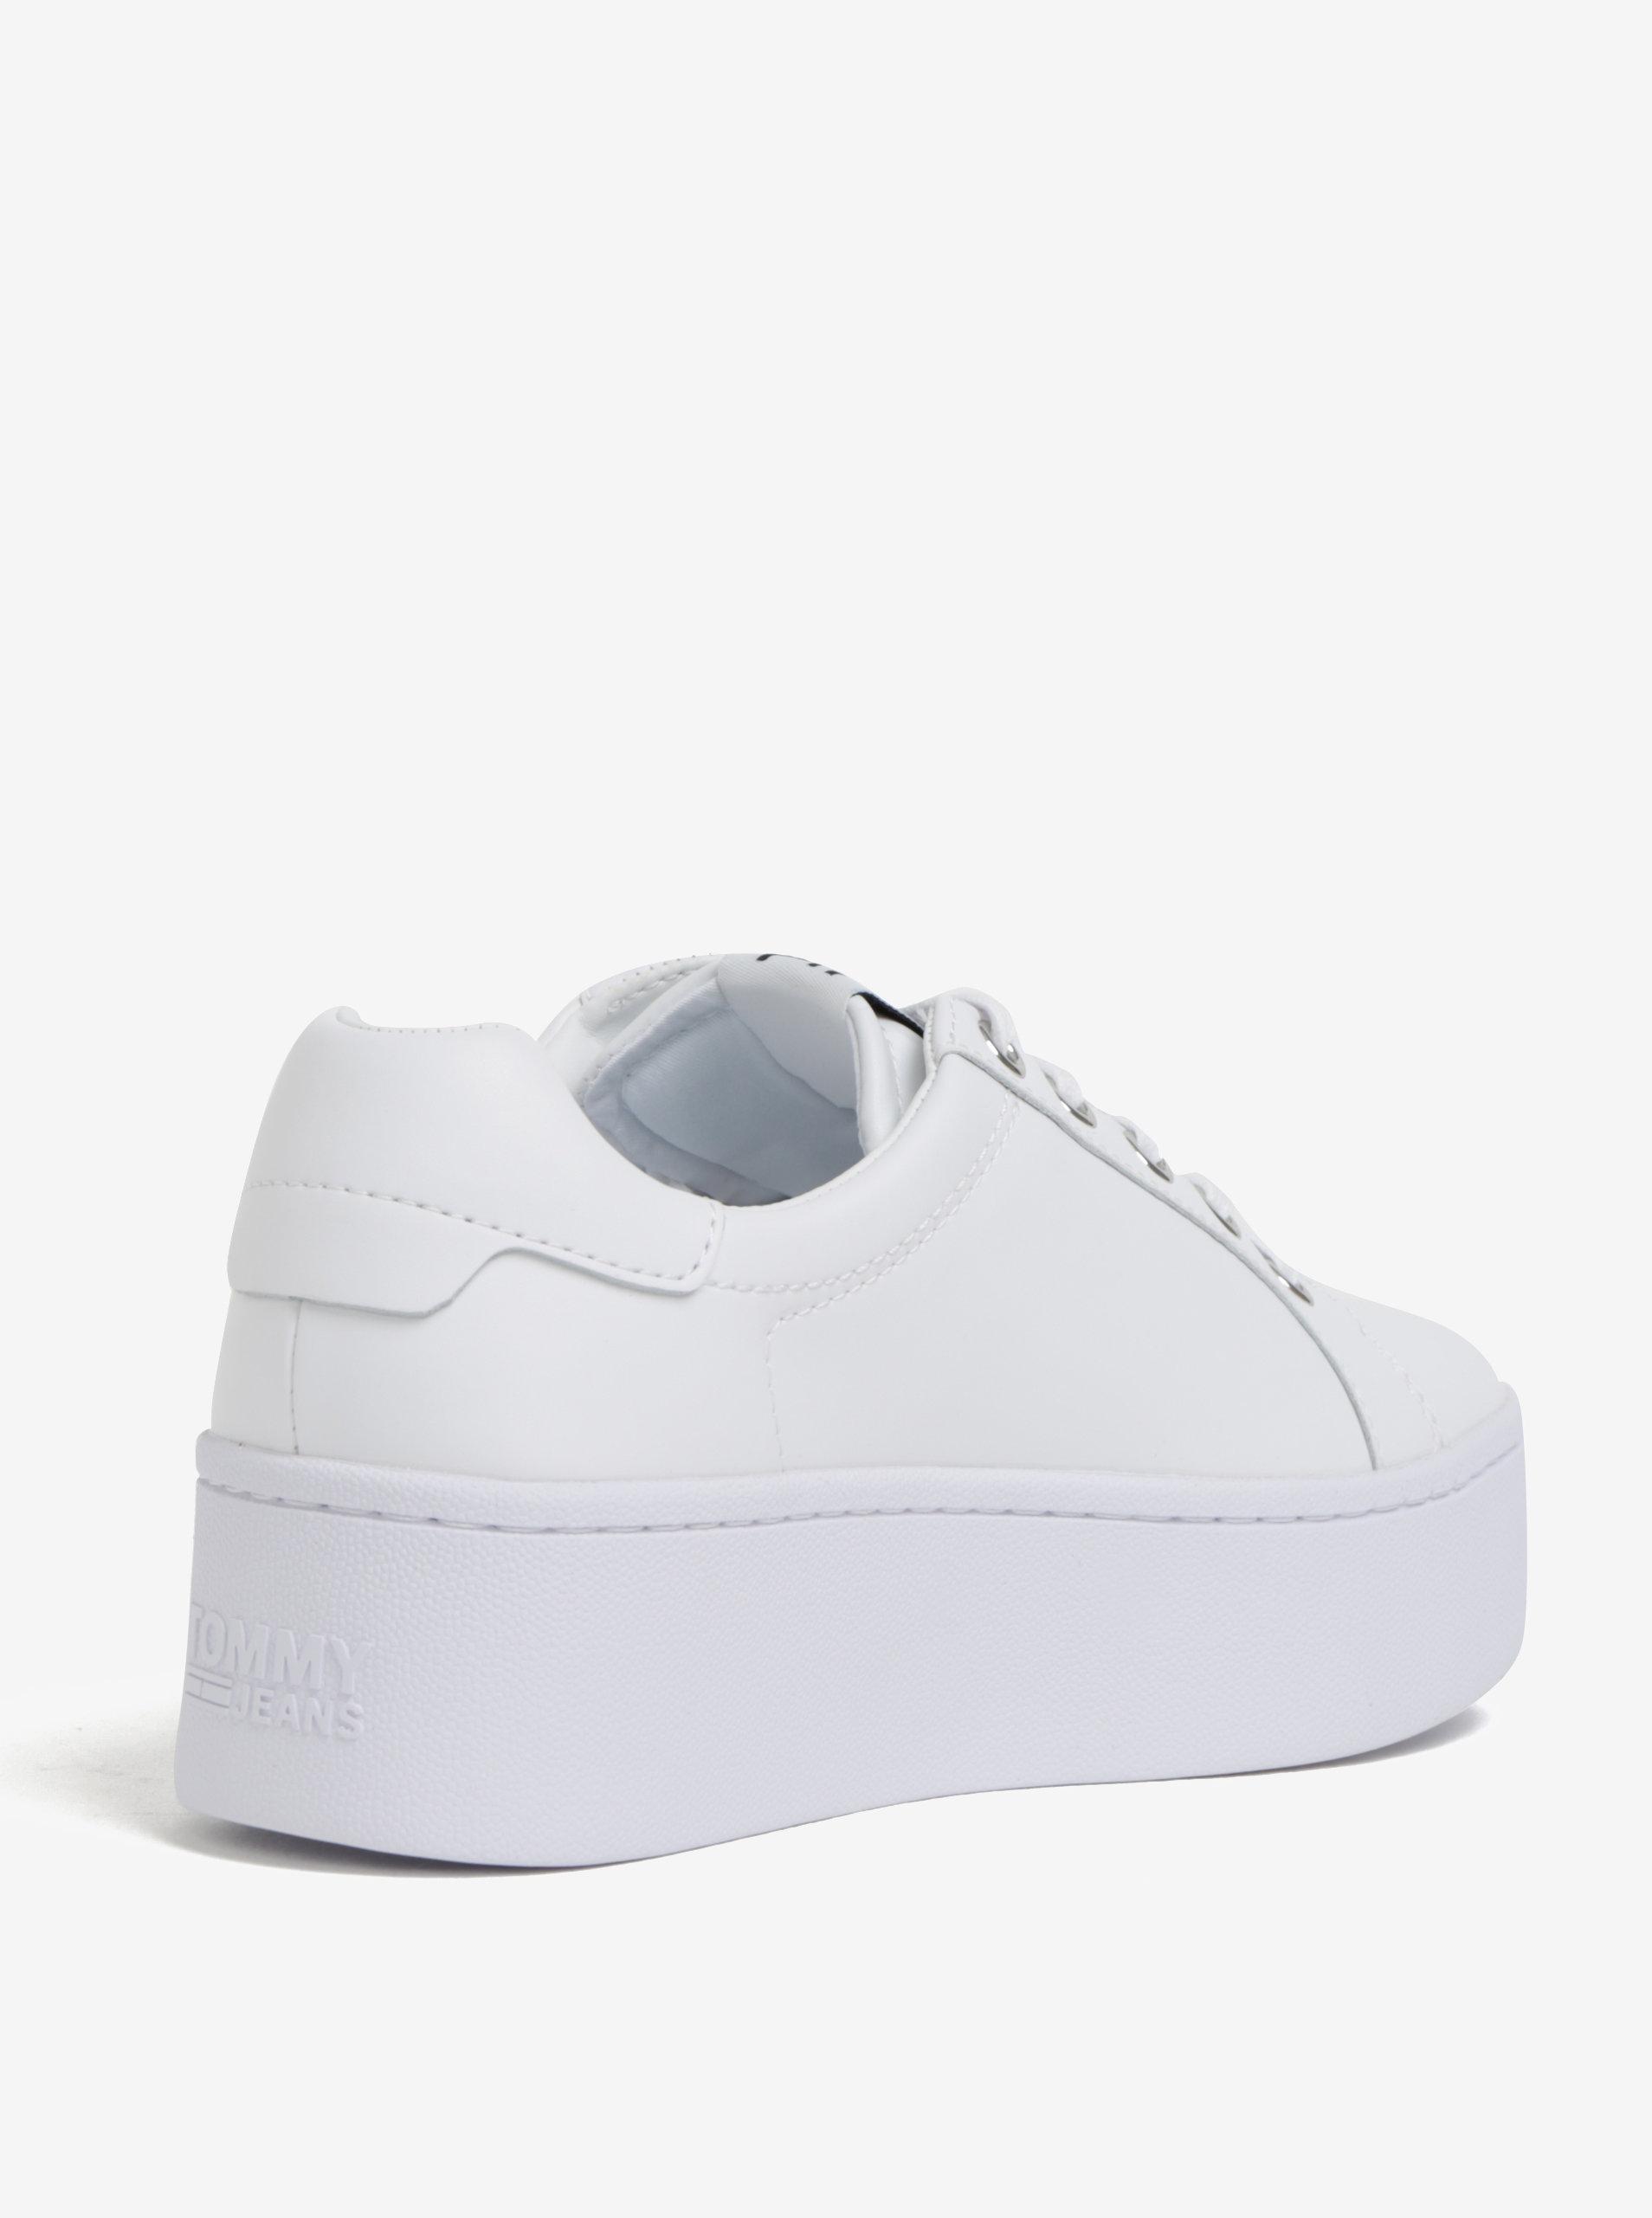 Bílé dámské kožené tenisky na platformě Tommy Hilfiger ... 0b31ca25633